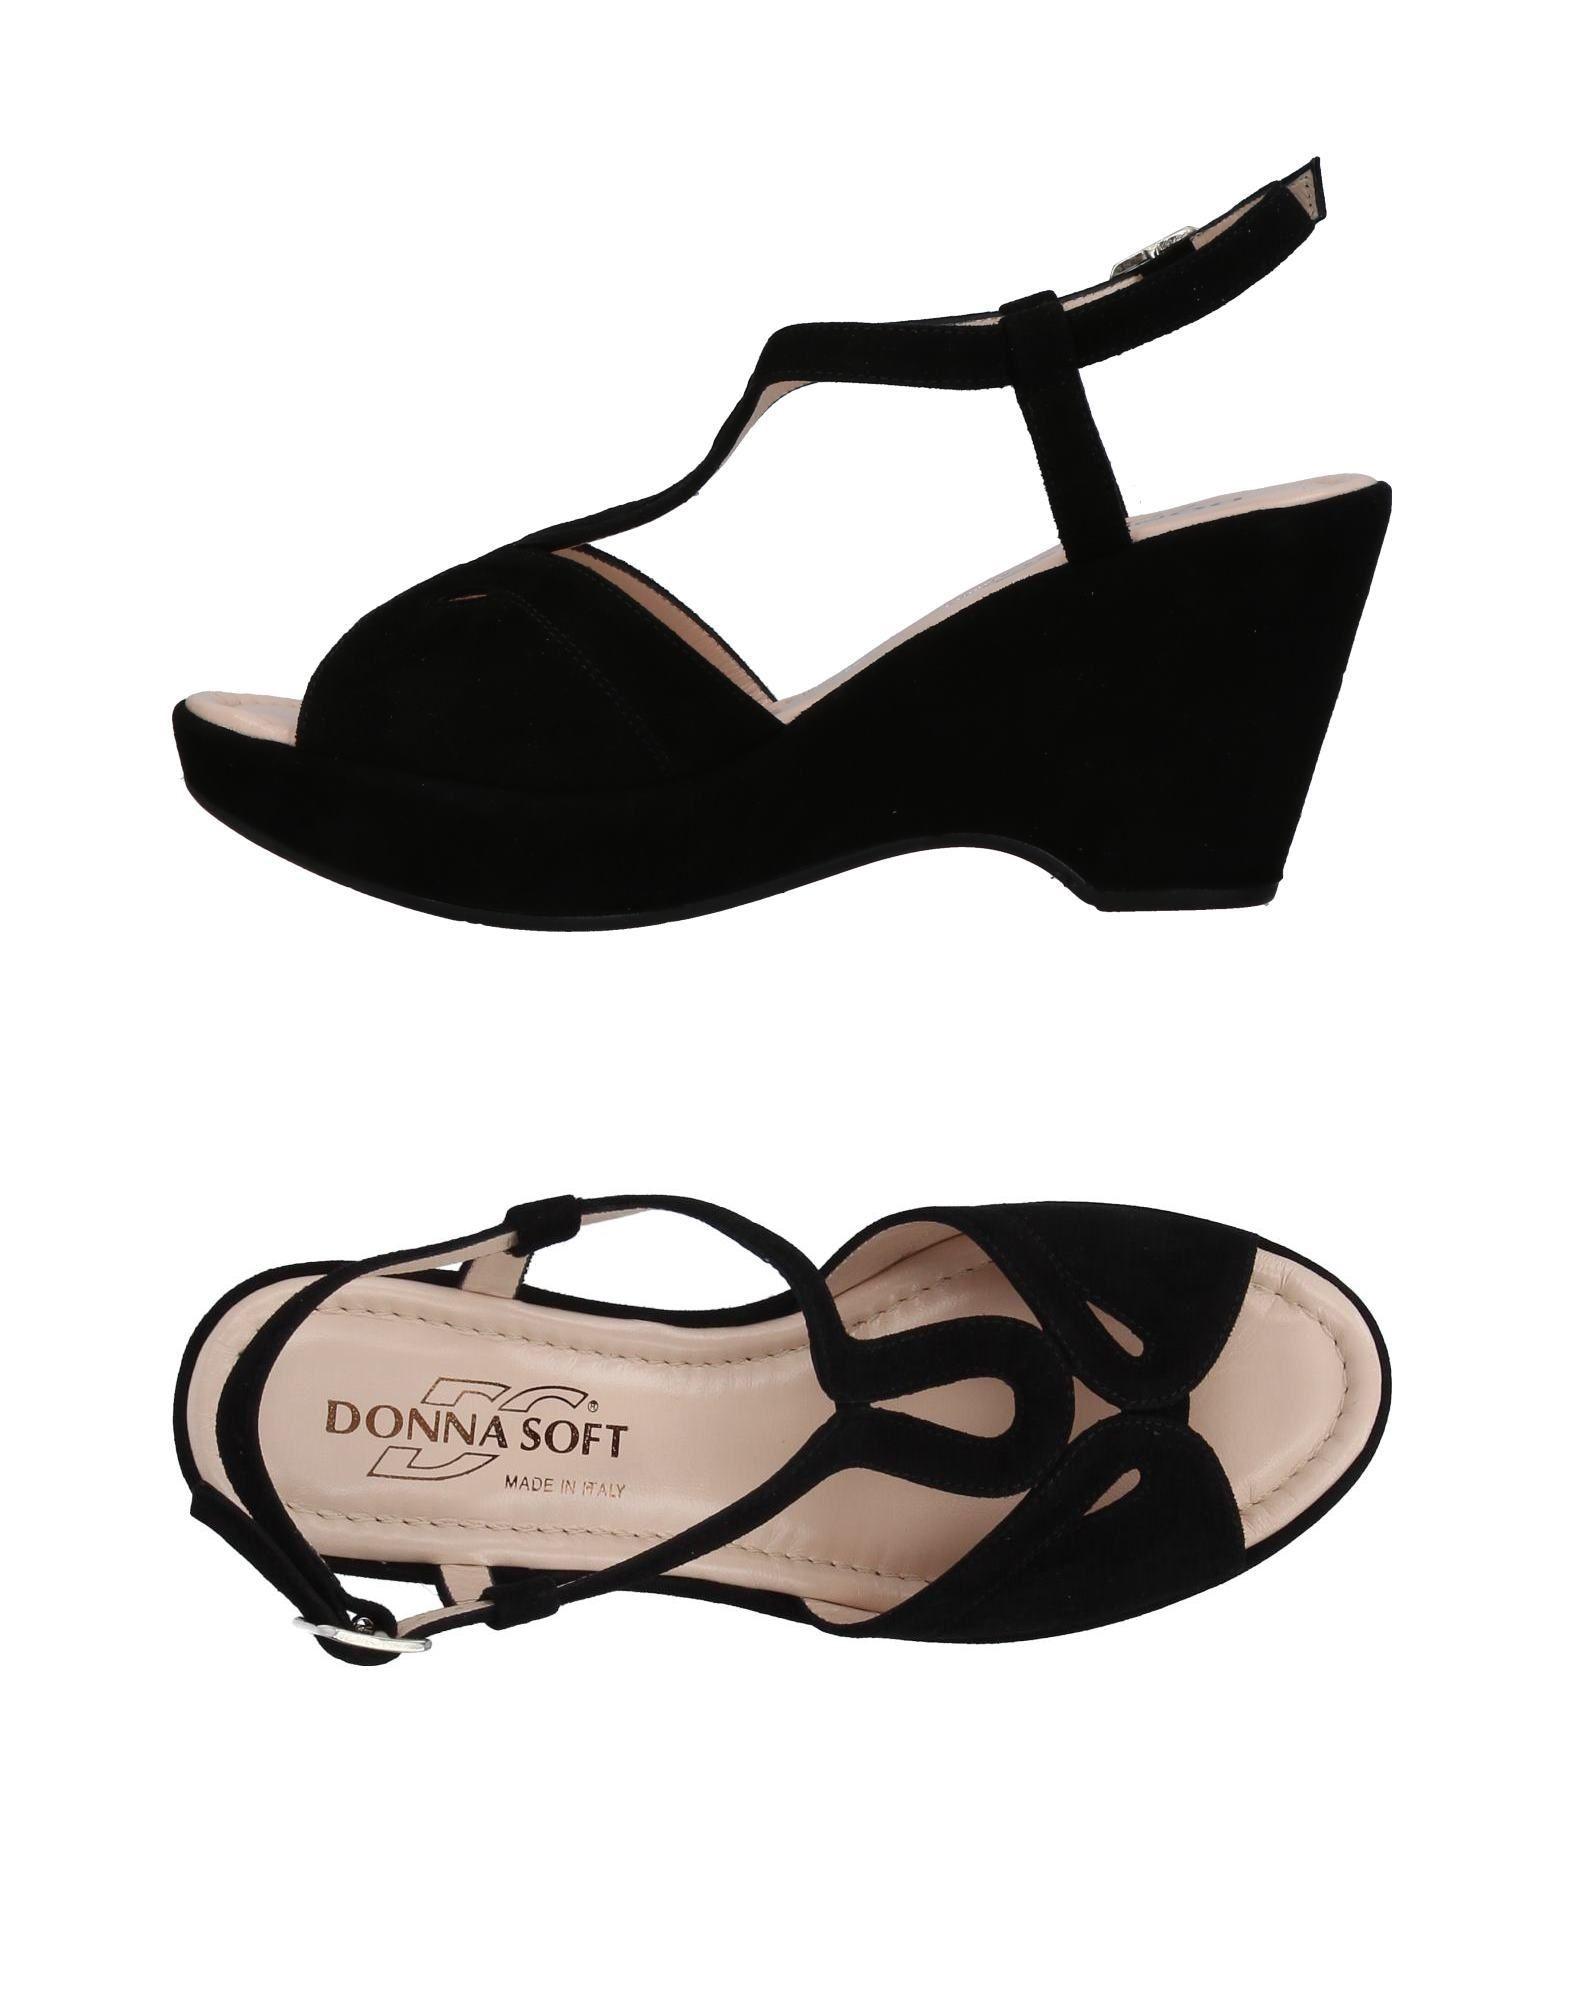 Sandales Donna Soft Femme - Sandales Donna Soft sur